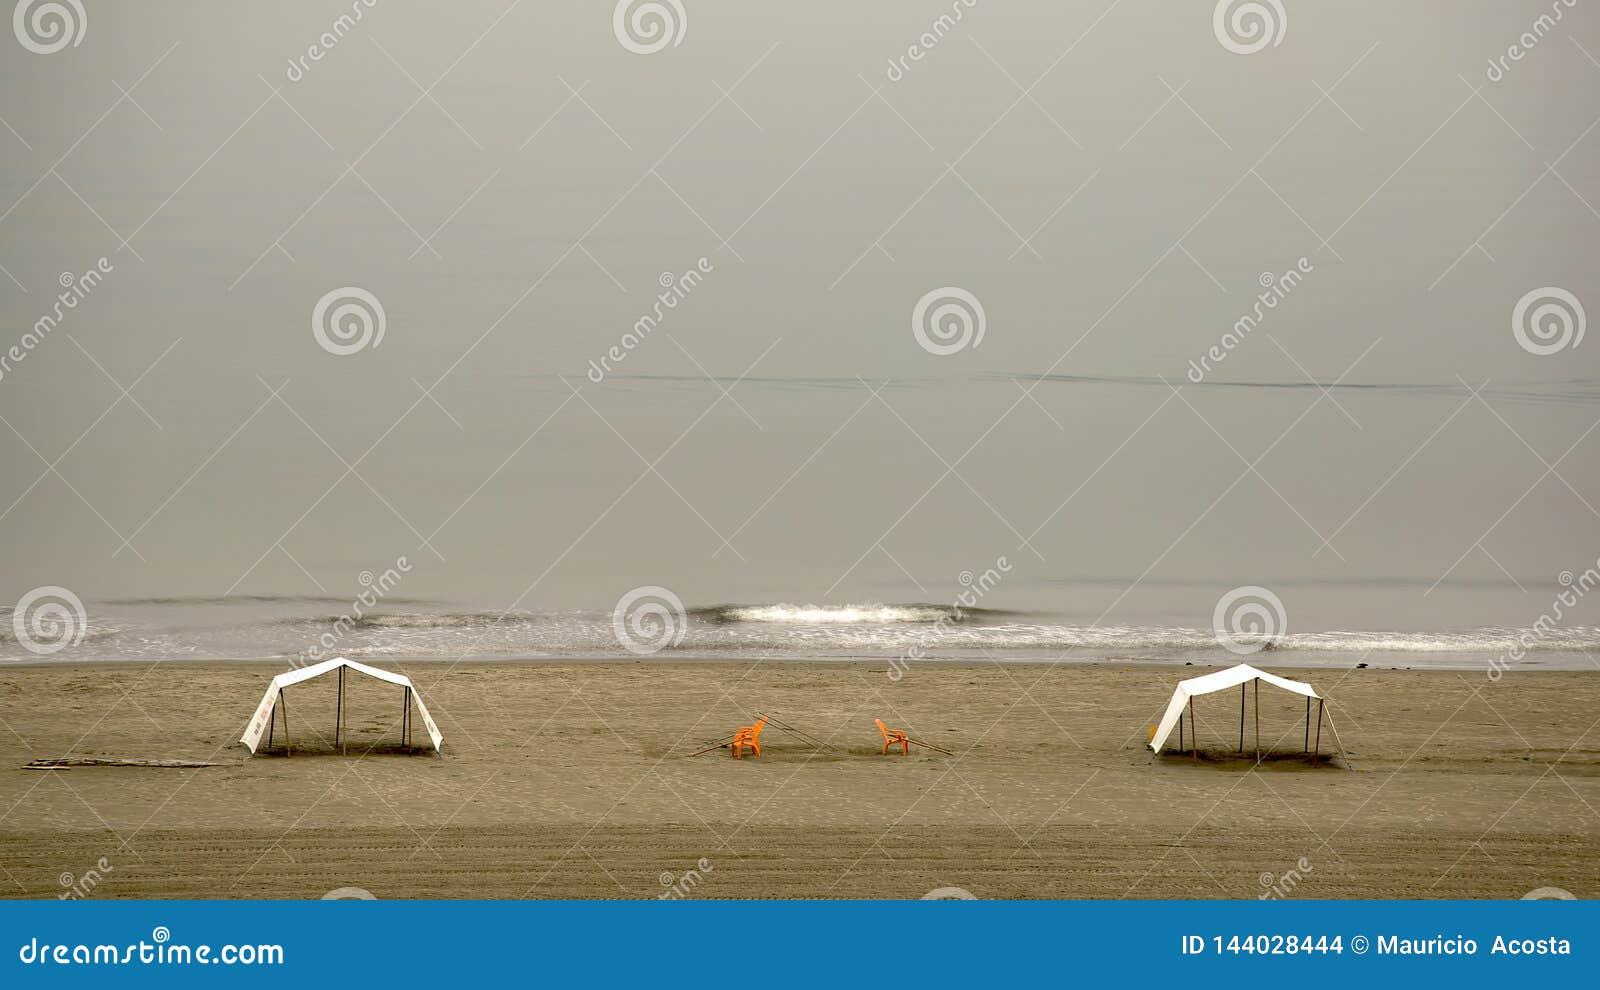 Zwei Zelte und zwei orange Stühle auf dem Strand